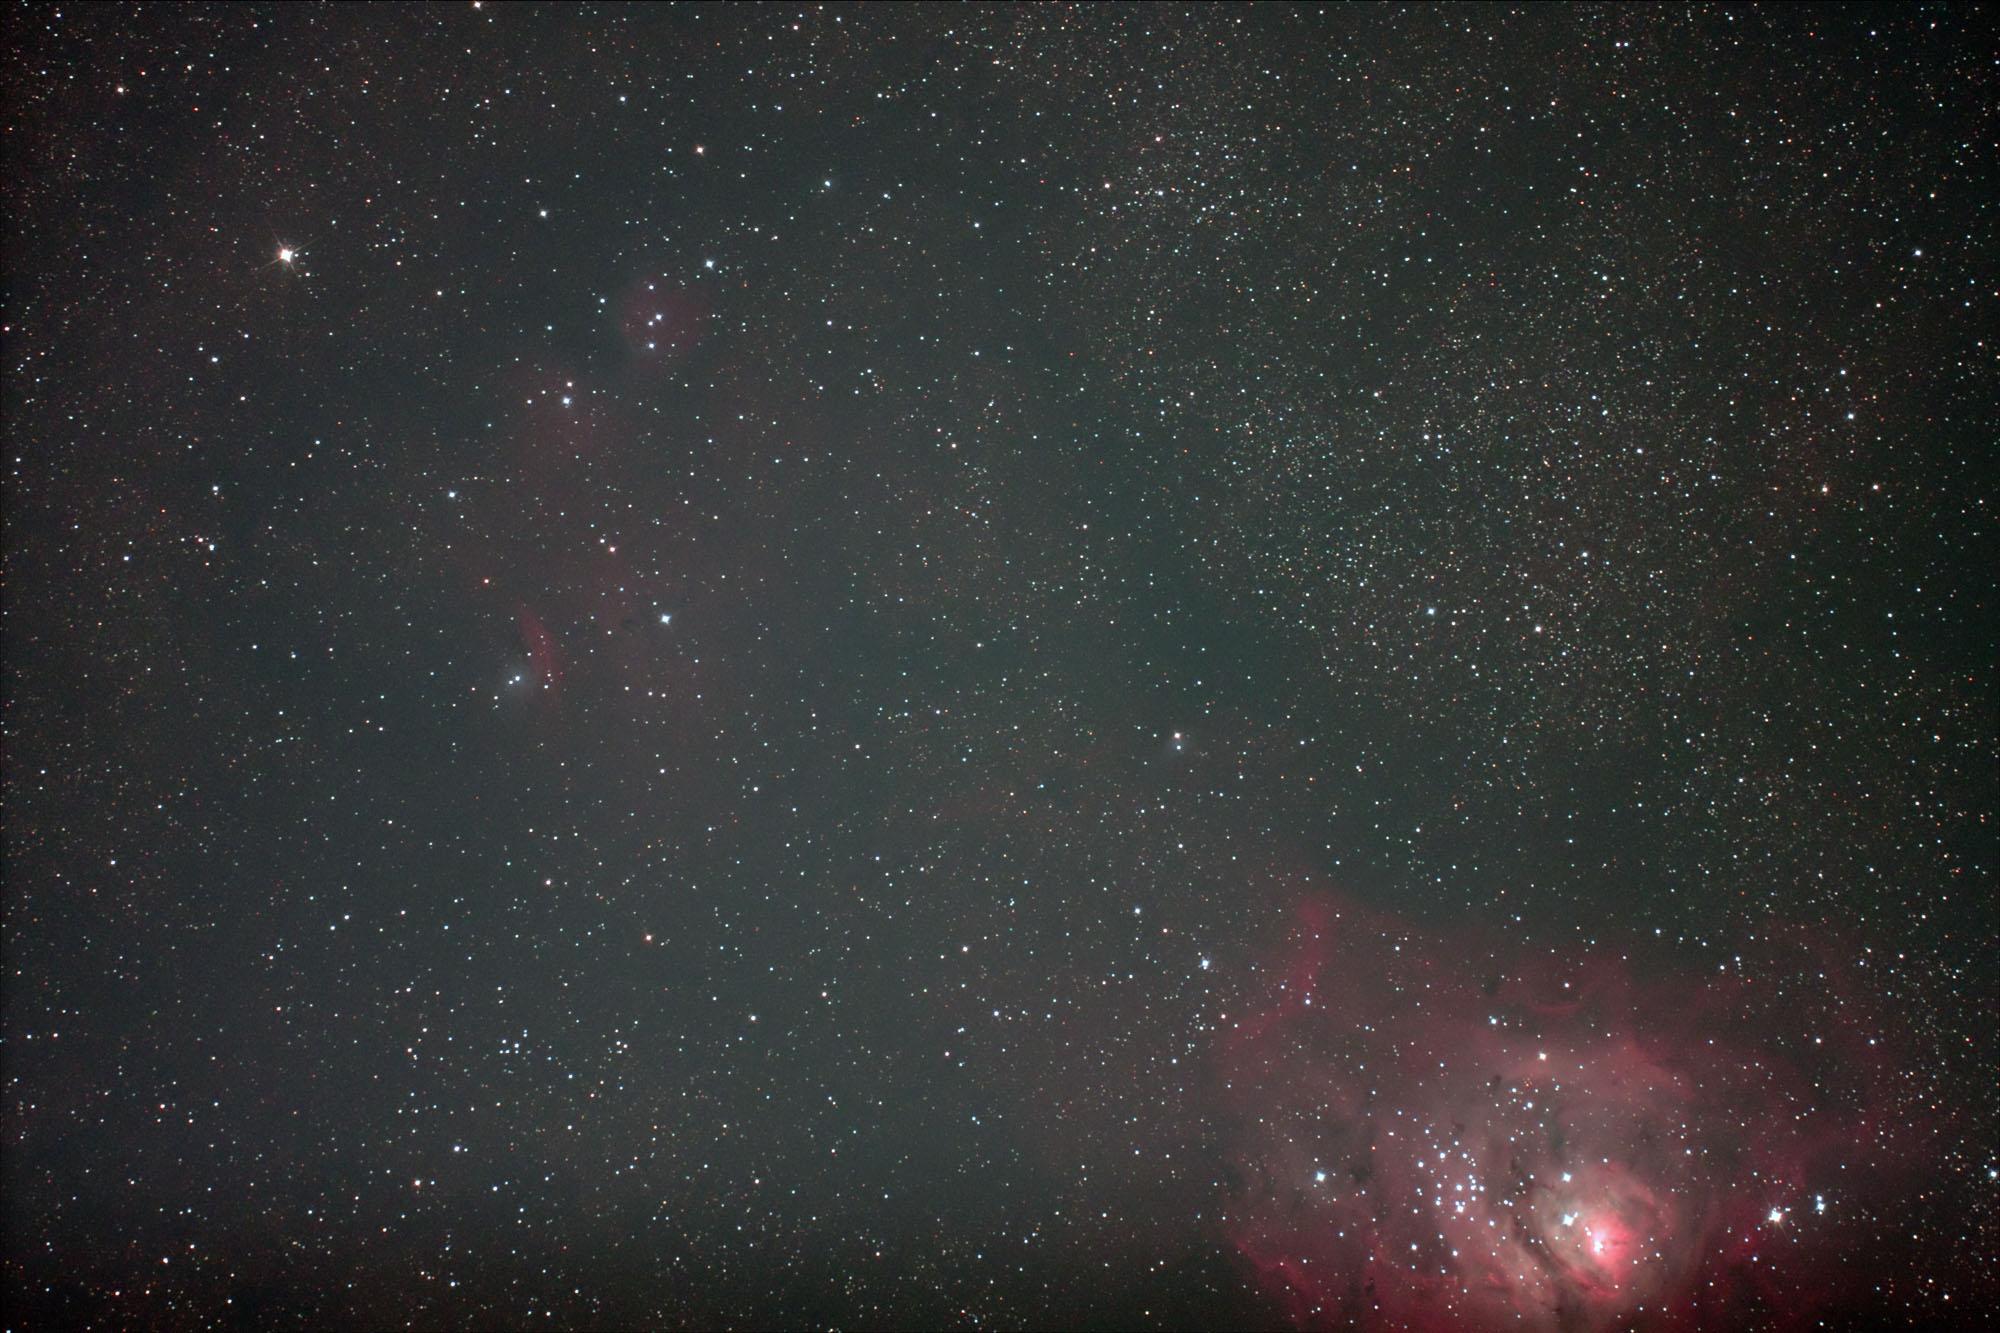 猫の肉球星雲_e0174091_1534166.jpg